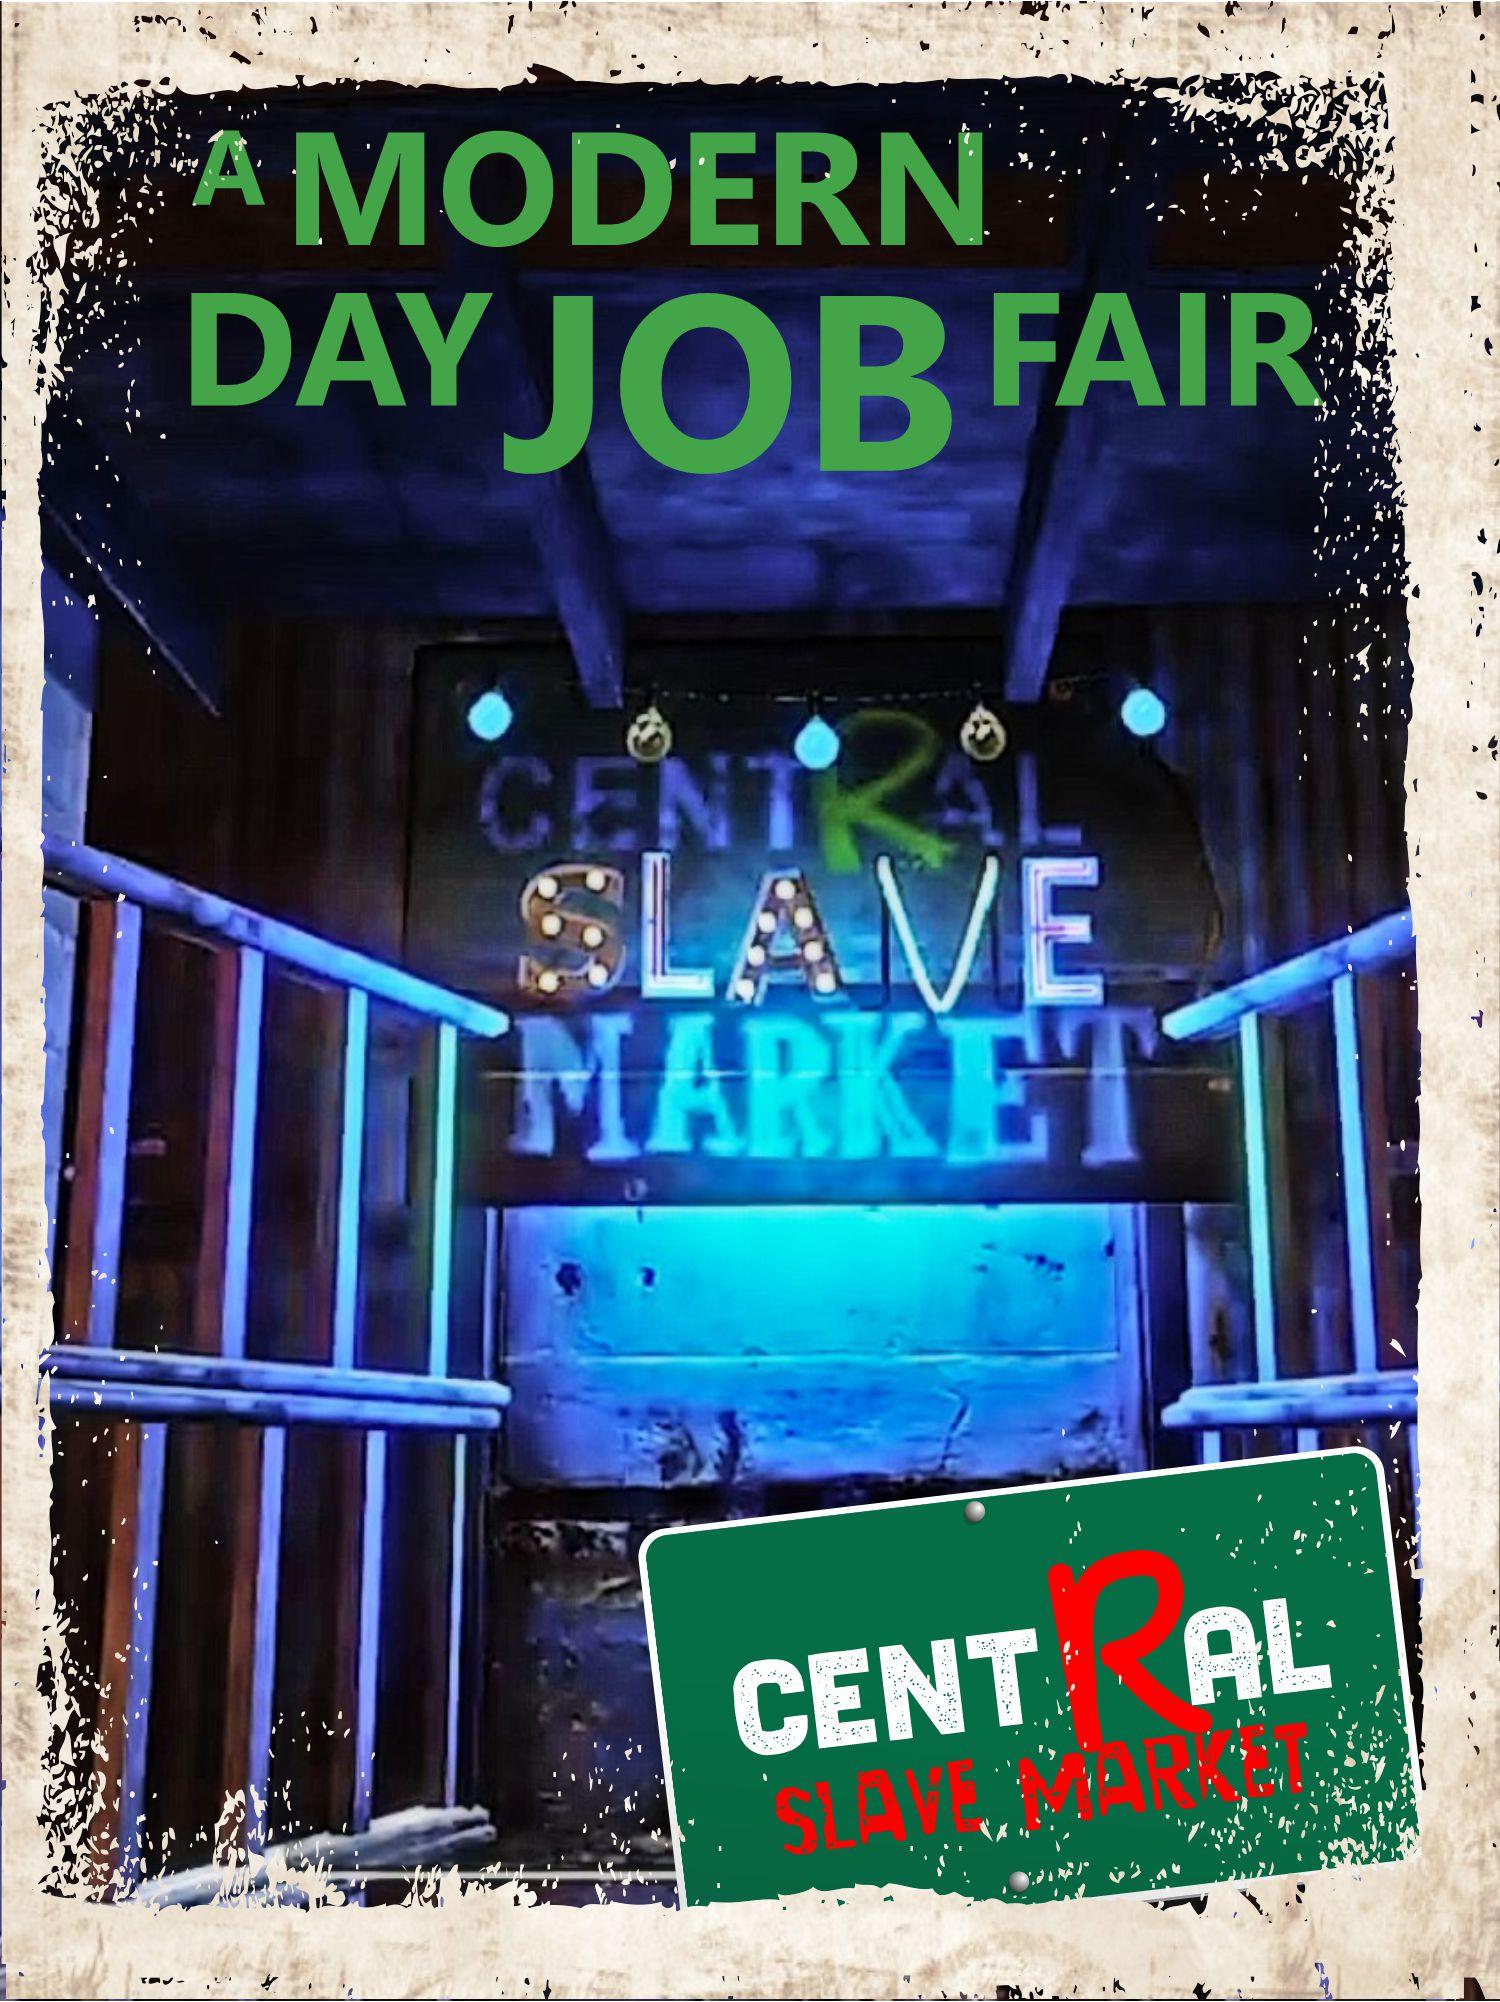 Central Slave Market